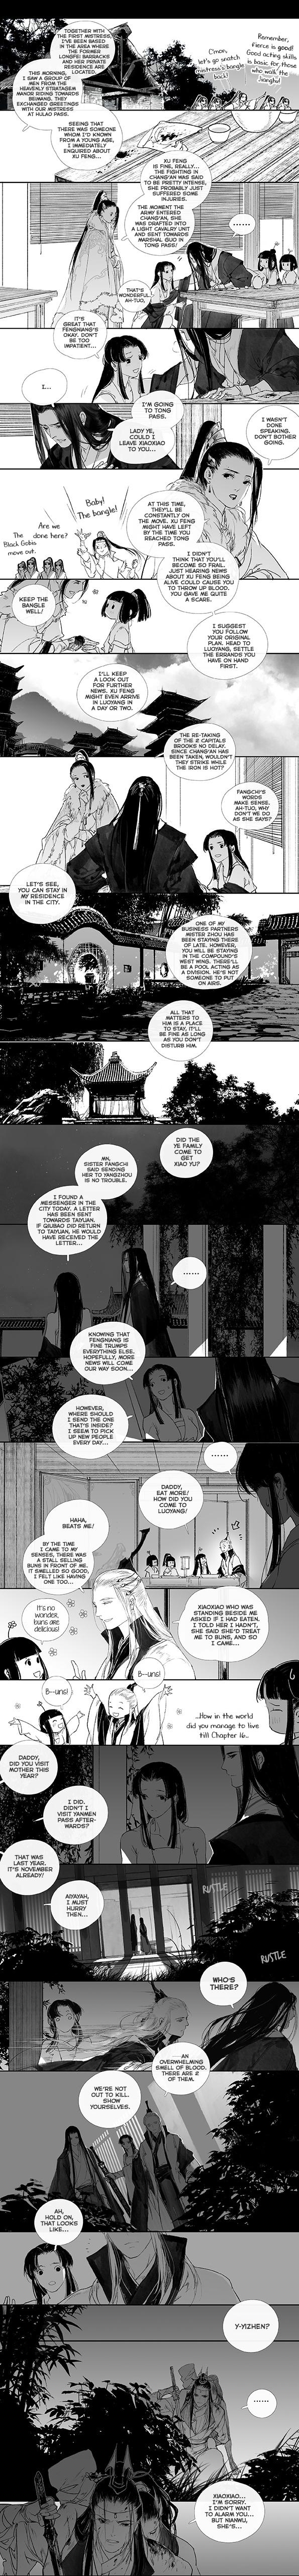 Ibuki Satsukis Comic Collection (Yi Chui Wu Yue Tiao Man Ji) - Chapter 84